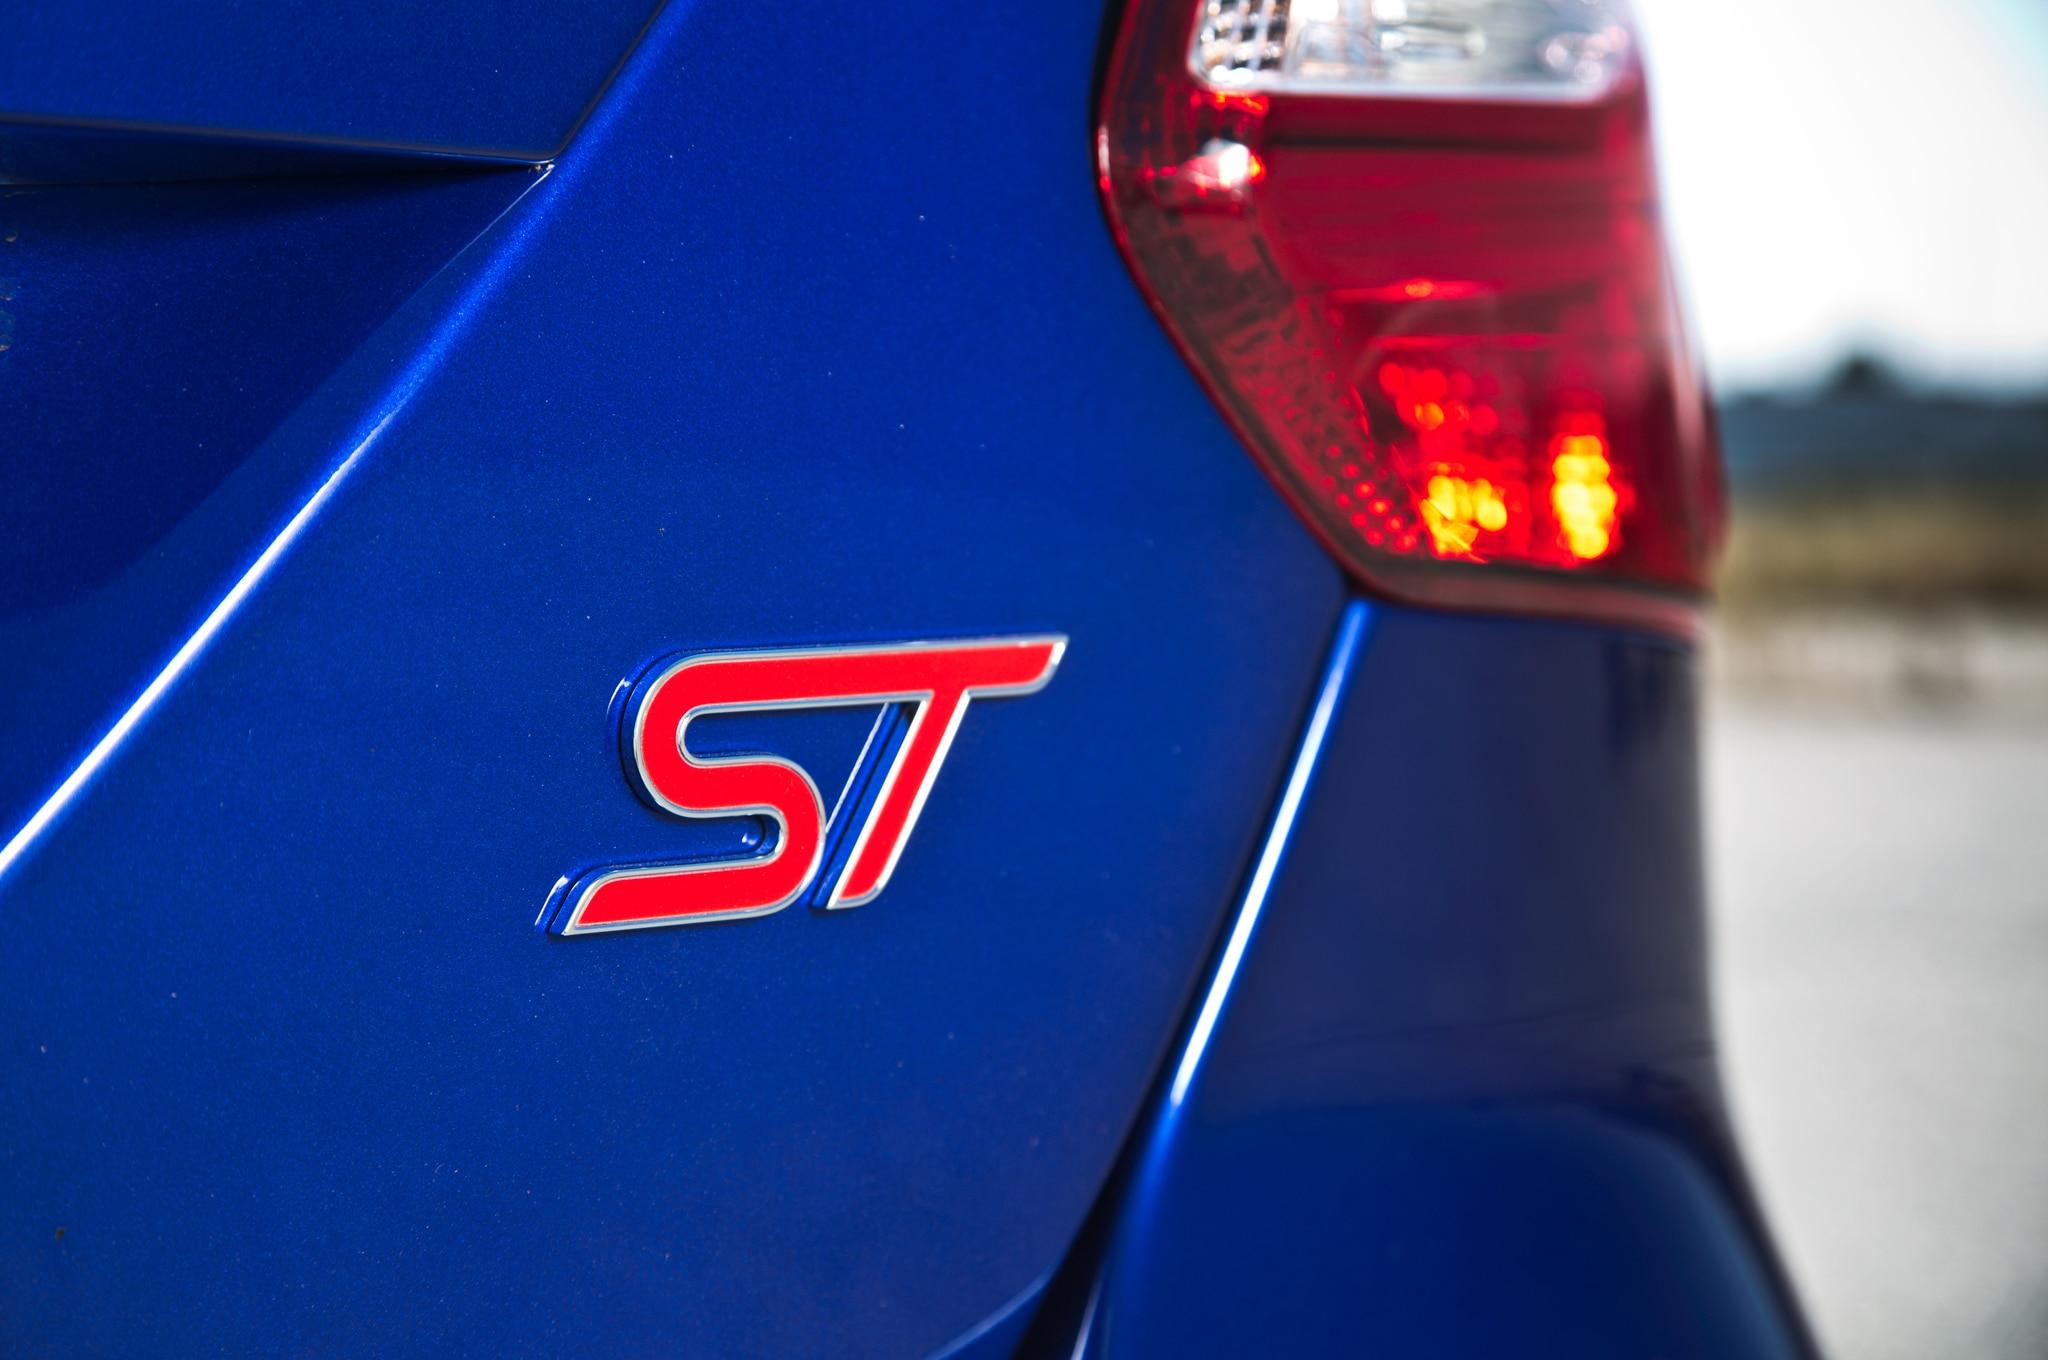 2017 Ford Focus St Badge 28 Junio 2016 Wpengine